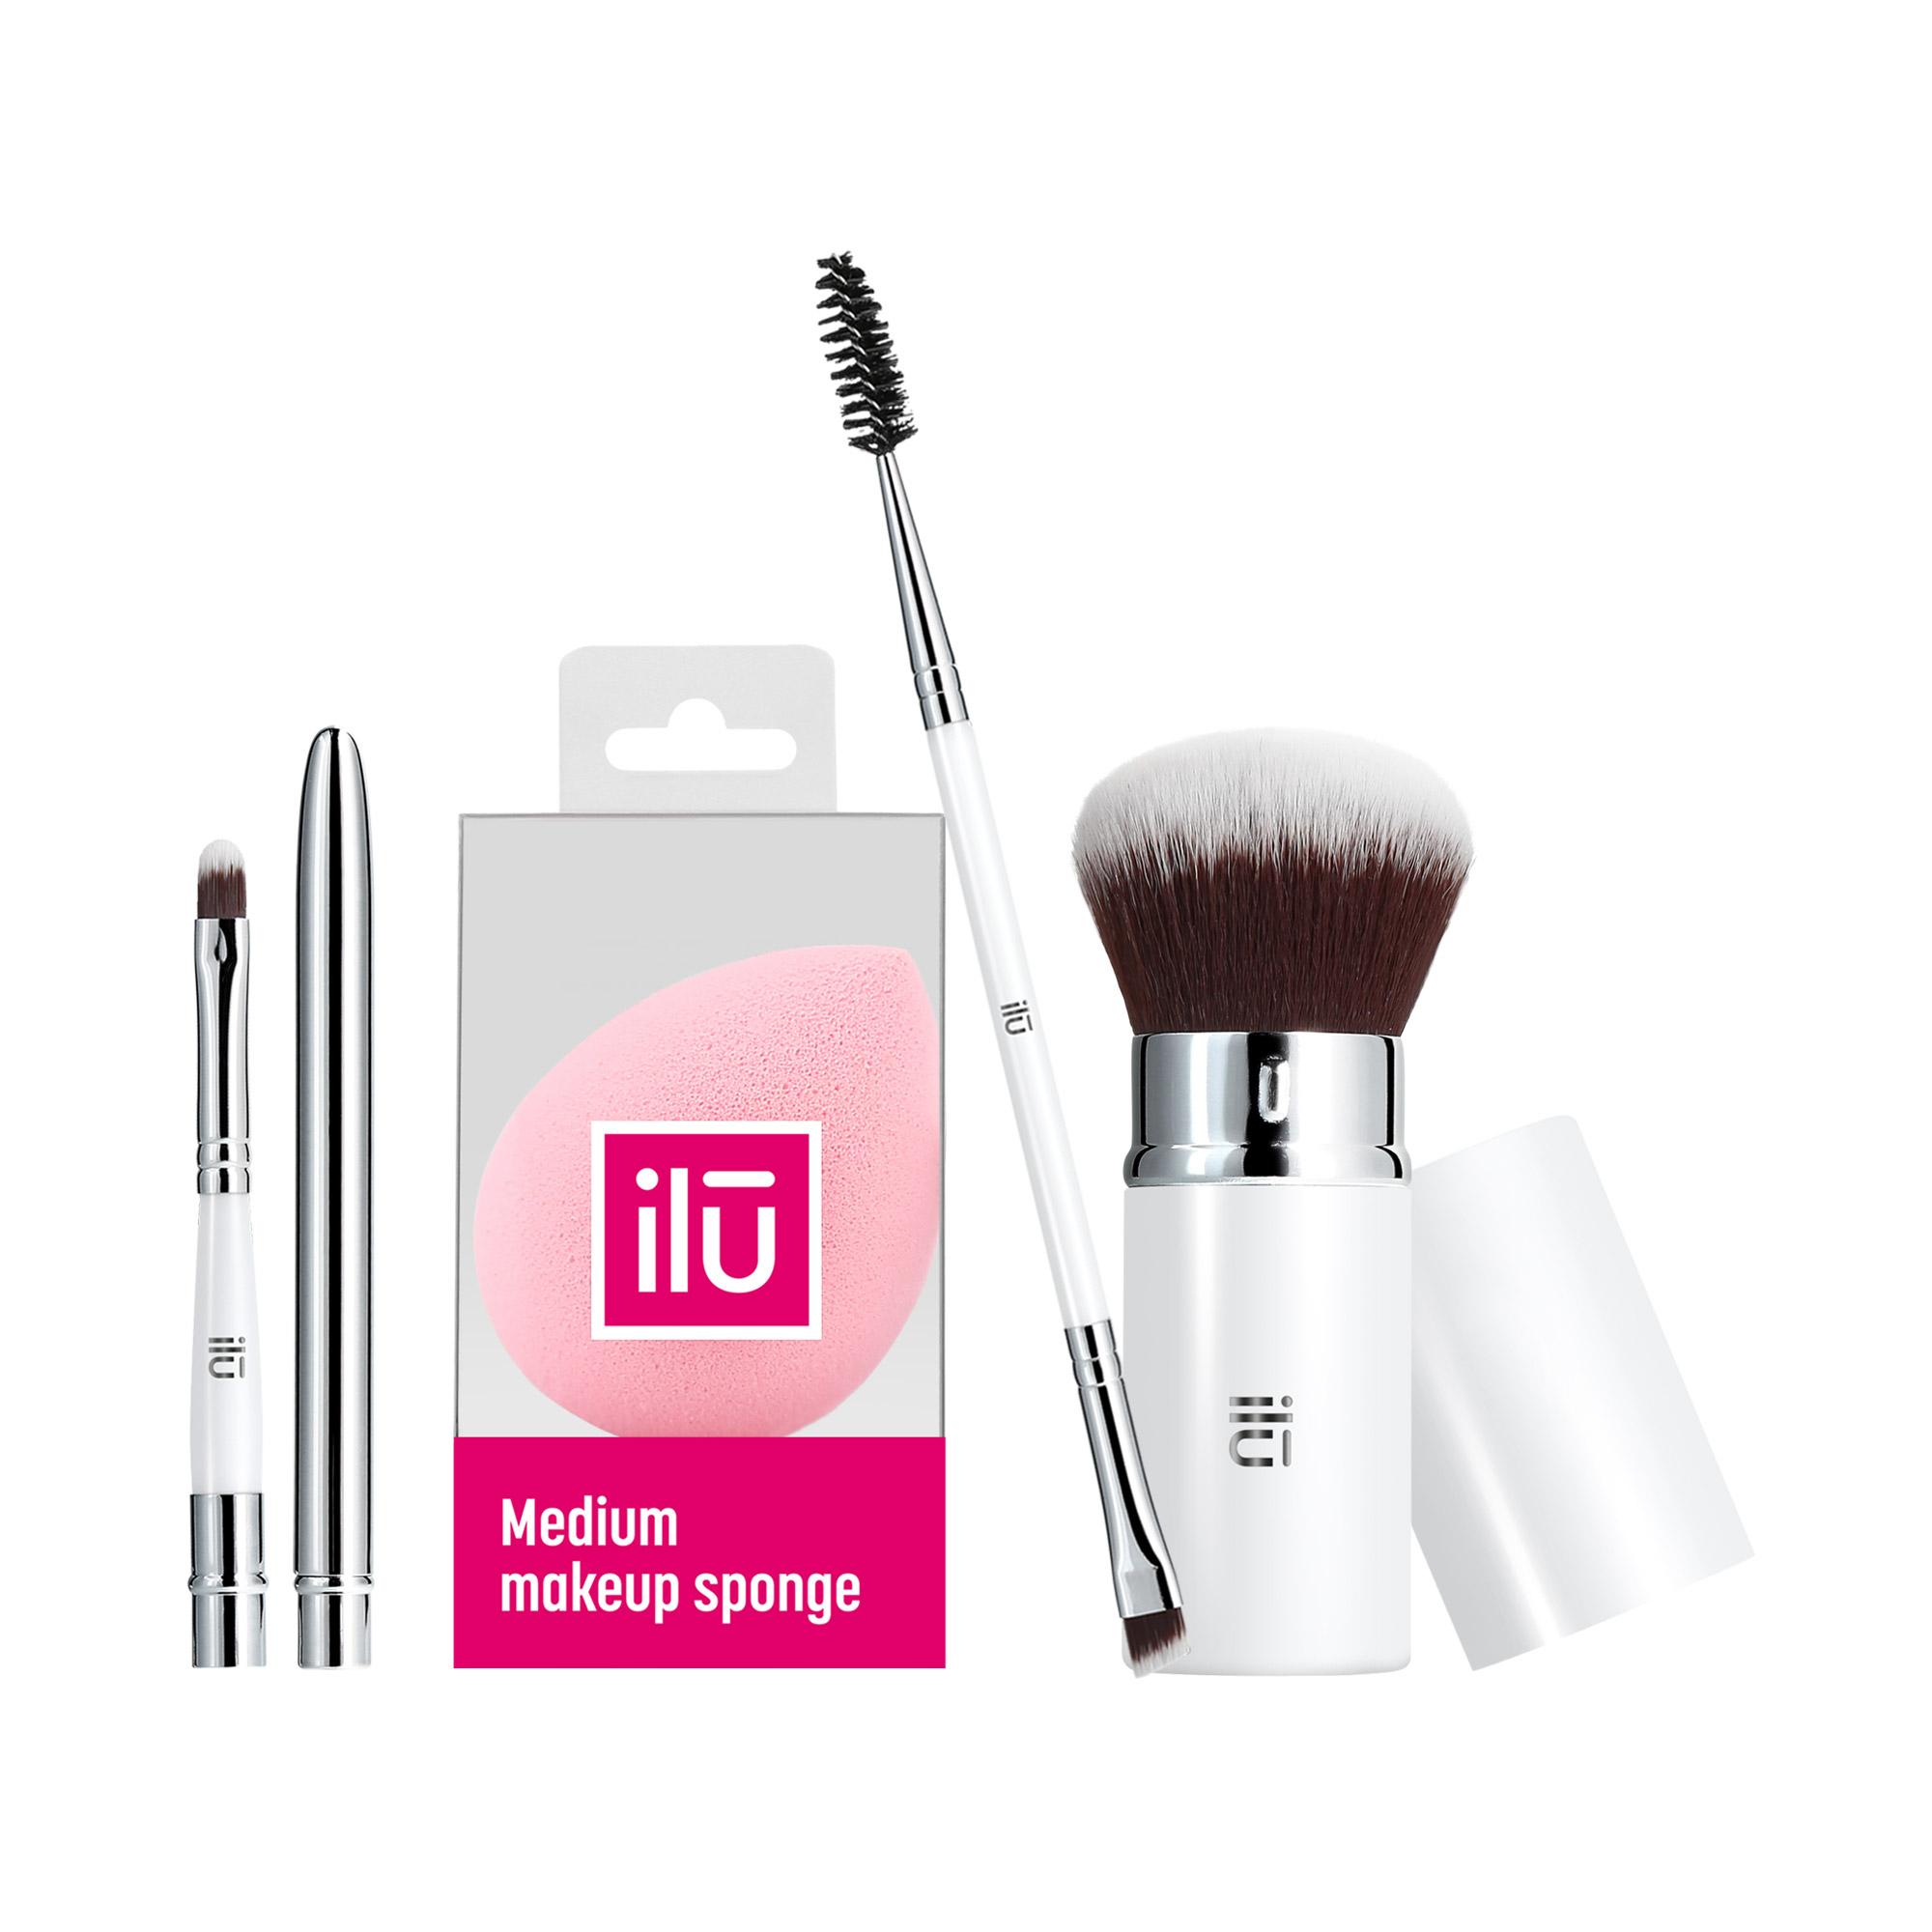 -15% na produkty do makijażu marki ilū